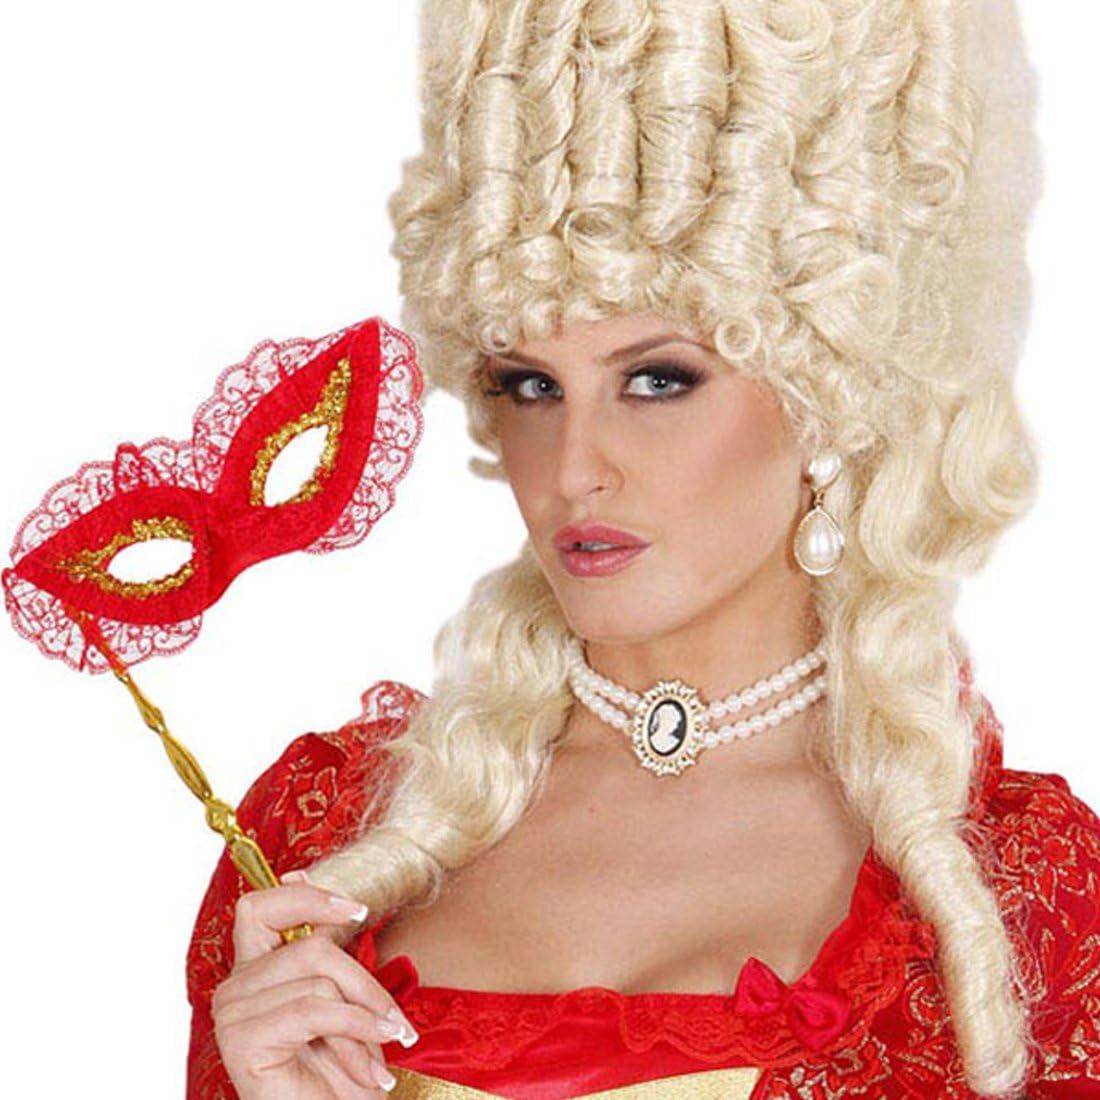 Perla Cadena con broche Cameo barroco collar rococó Cuello Reina joyas fiesta temática Históricos accesorios Carnaval Disfraces accesorios Mujer: Amazon.es: Juguetes y juegos